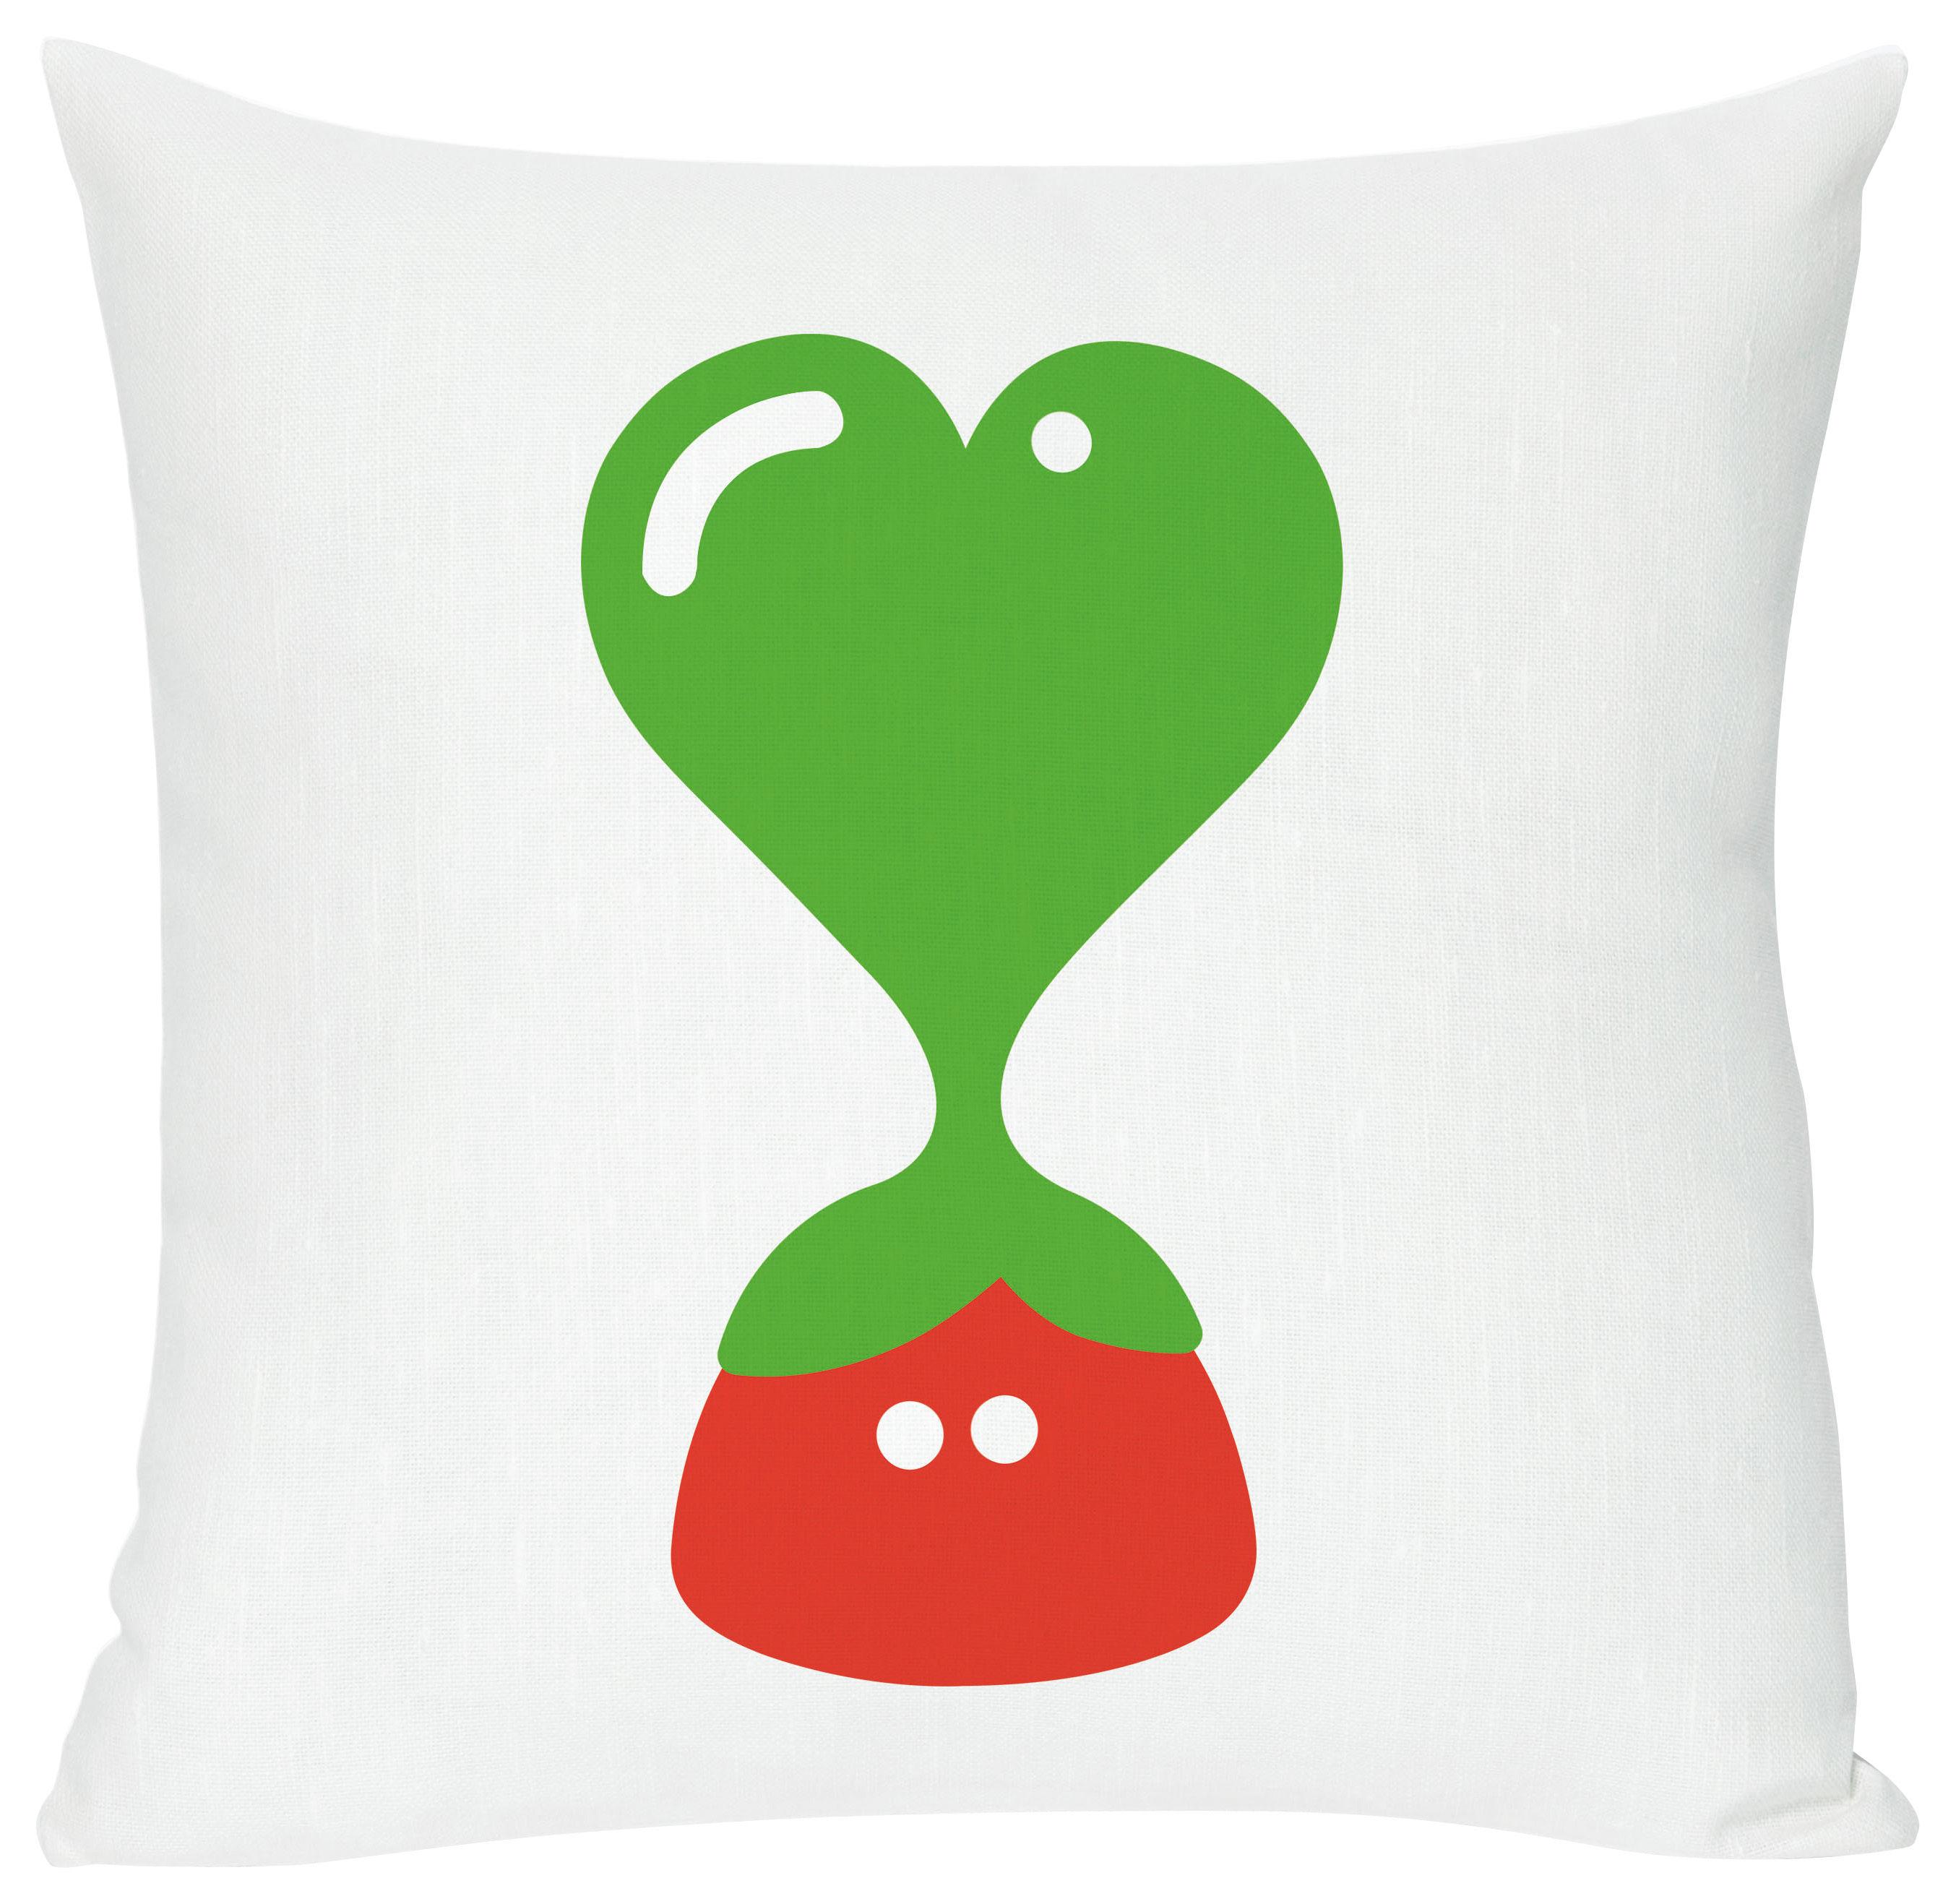 Dekoration - Für Kinder - Green heart Kissen - Domestic - Green heart - weiß, grün und rot - Baumwolle, Leinen